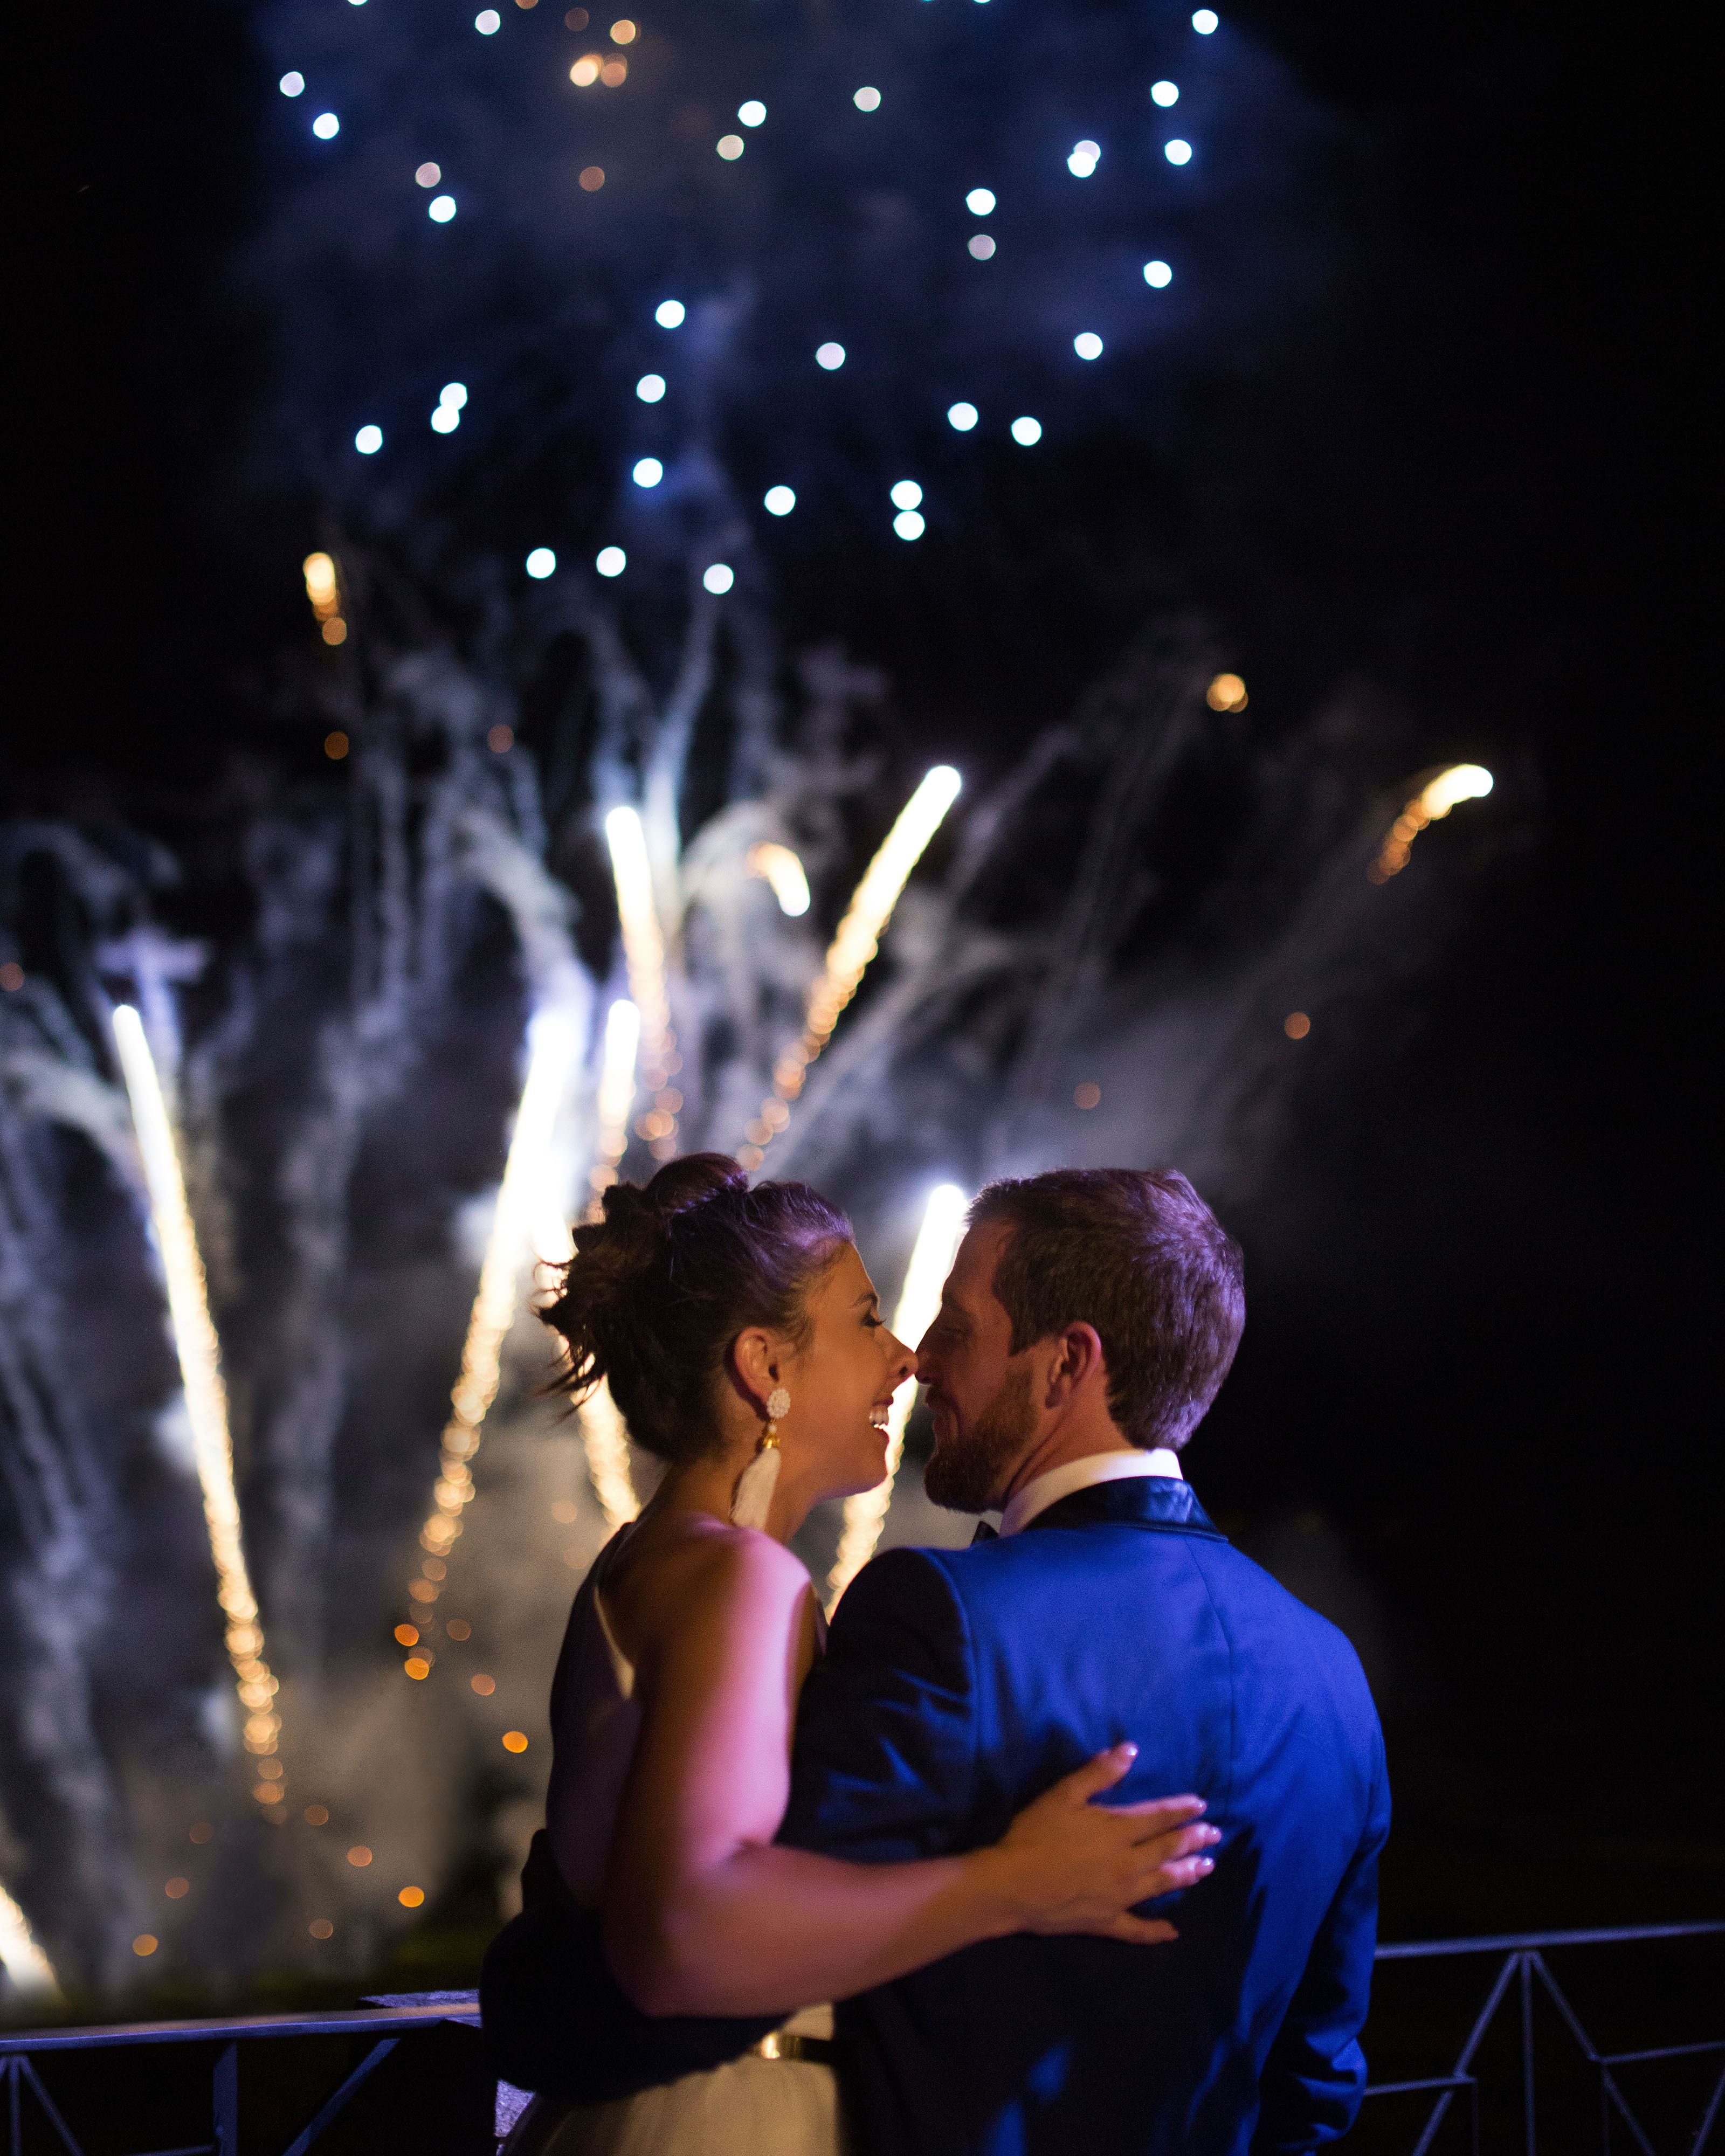 jeannette taylor wedding portugal fireworks